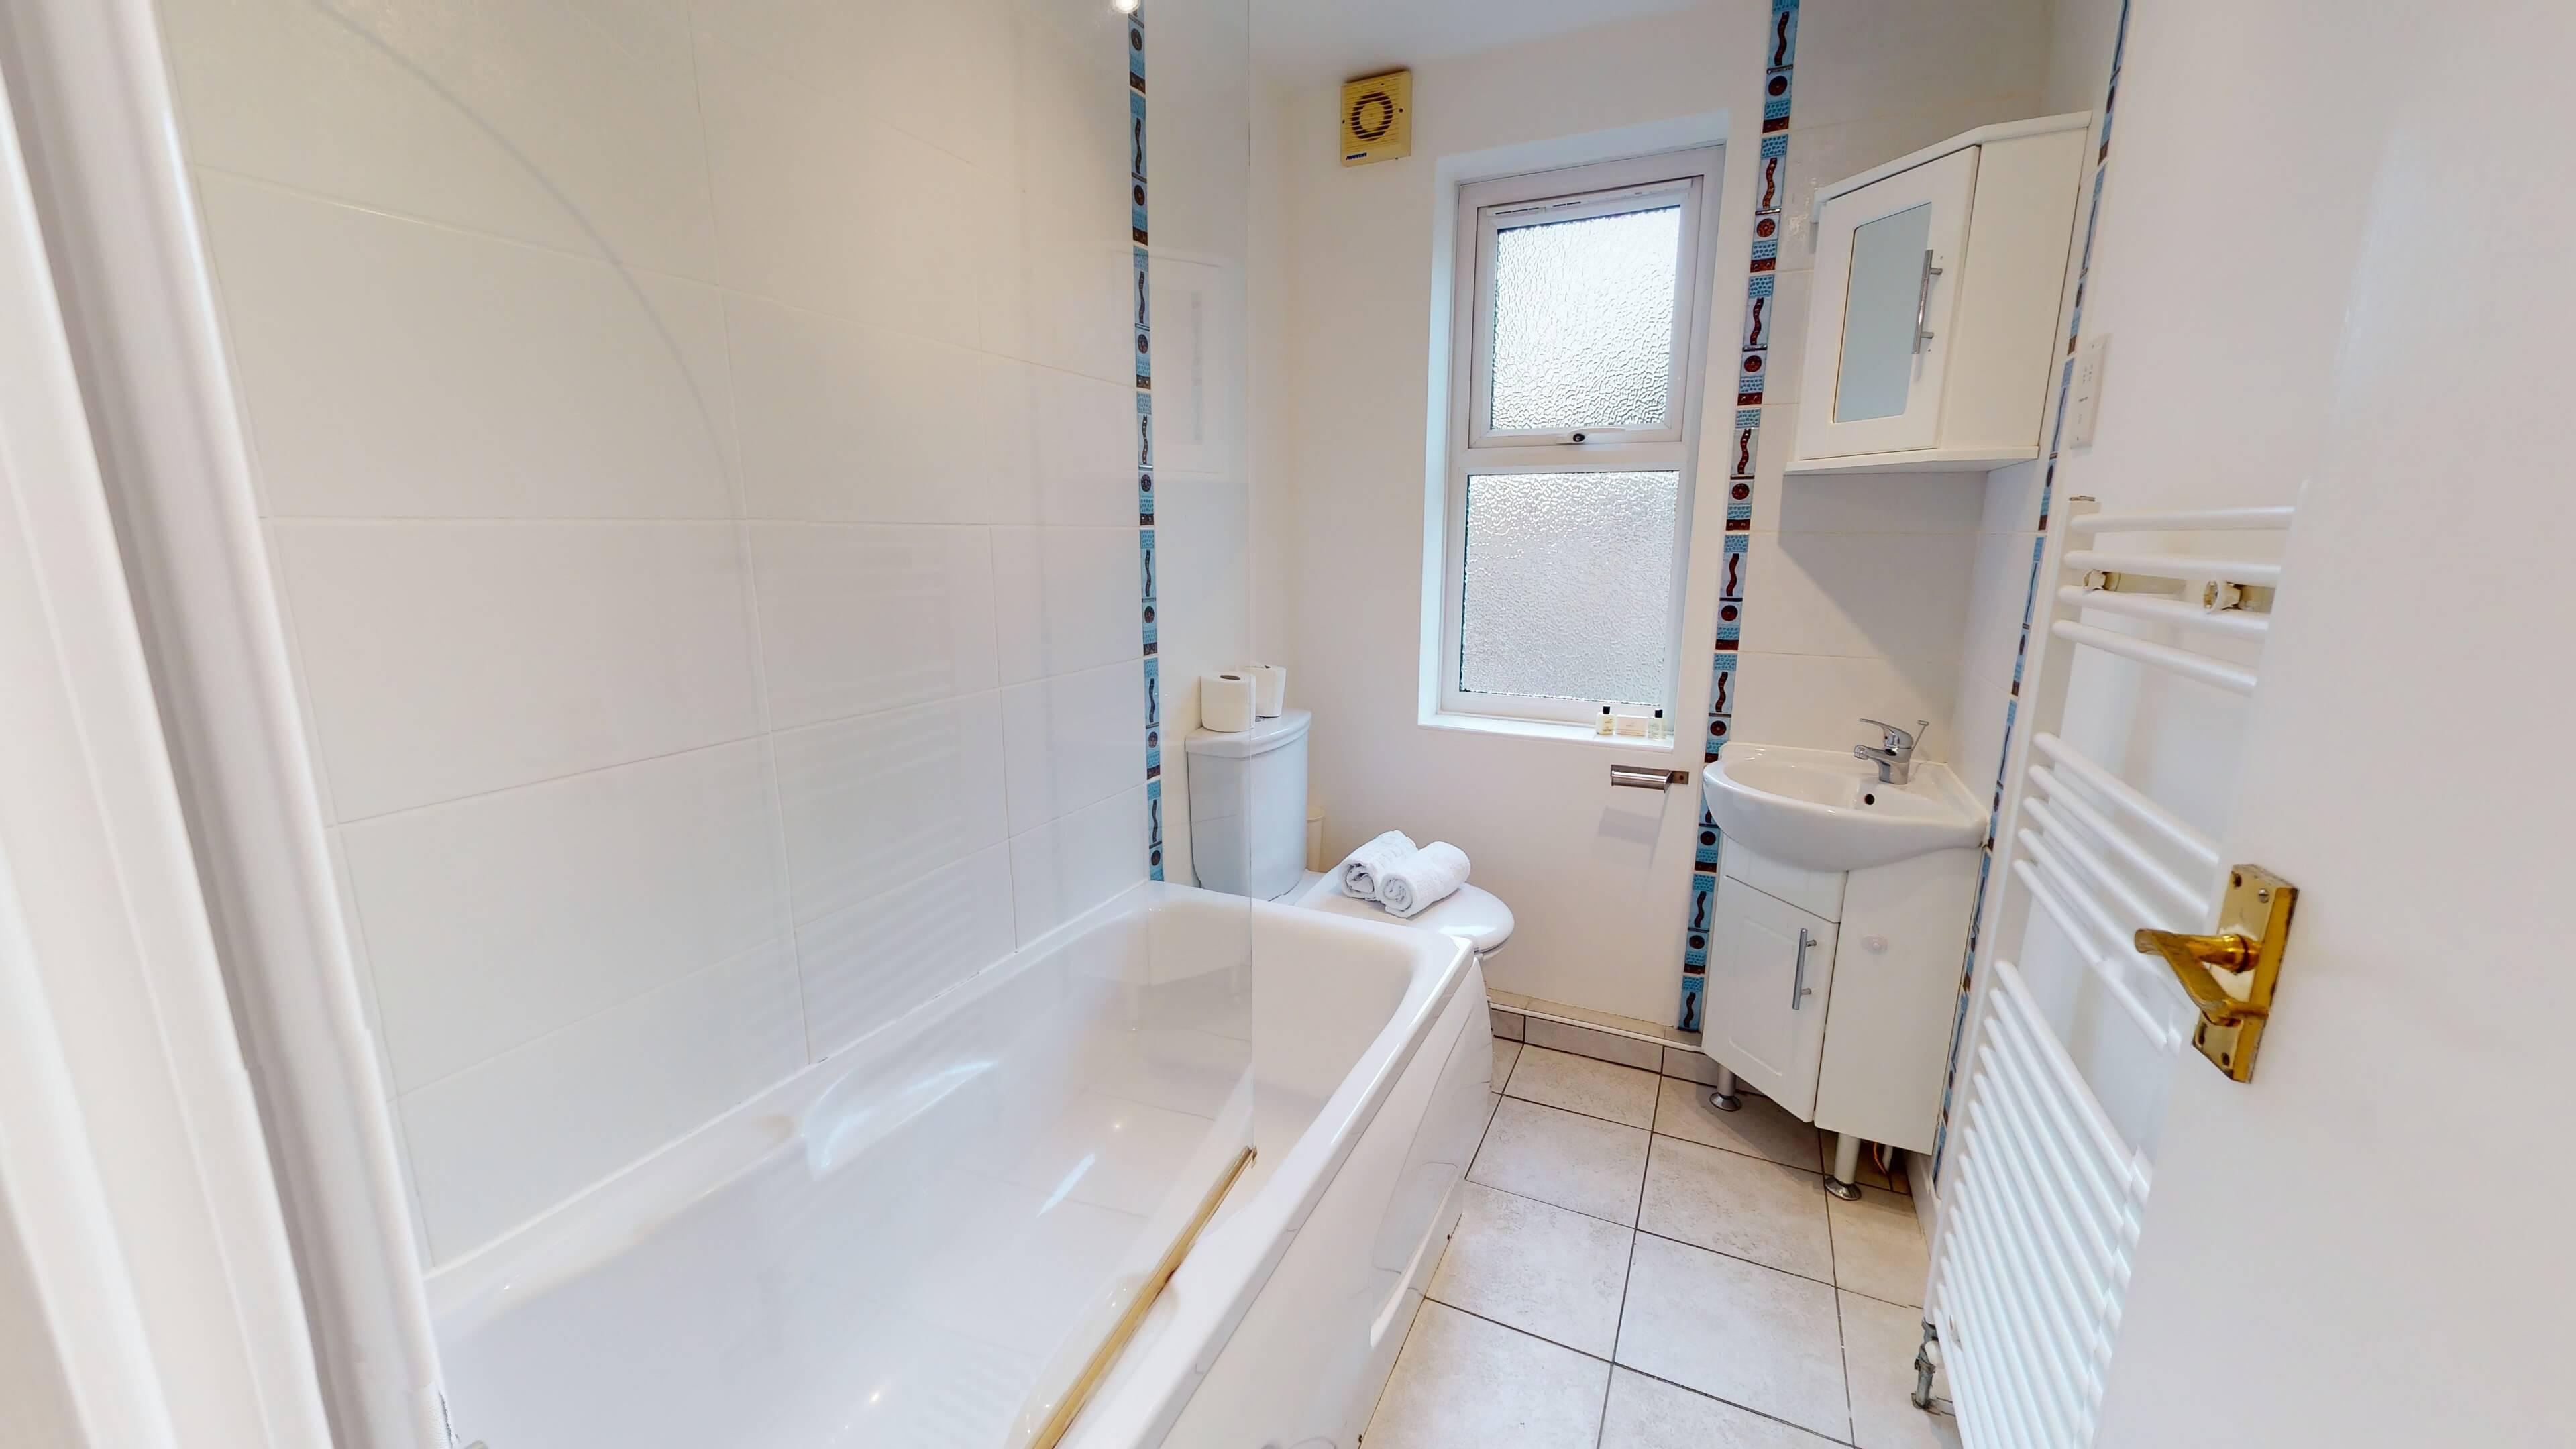 Bridge View Bridge View Bathroom Area